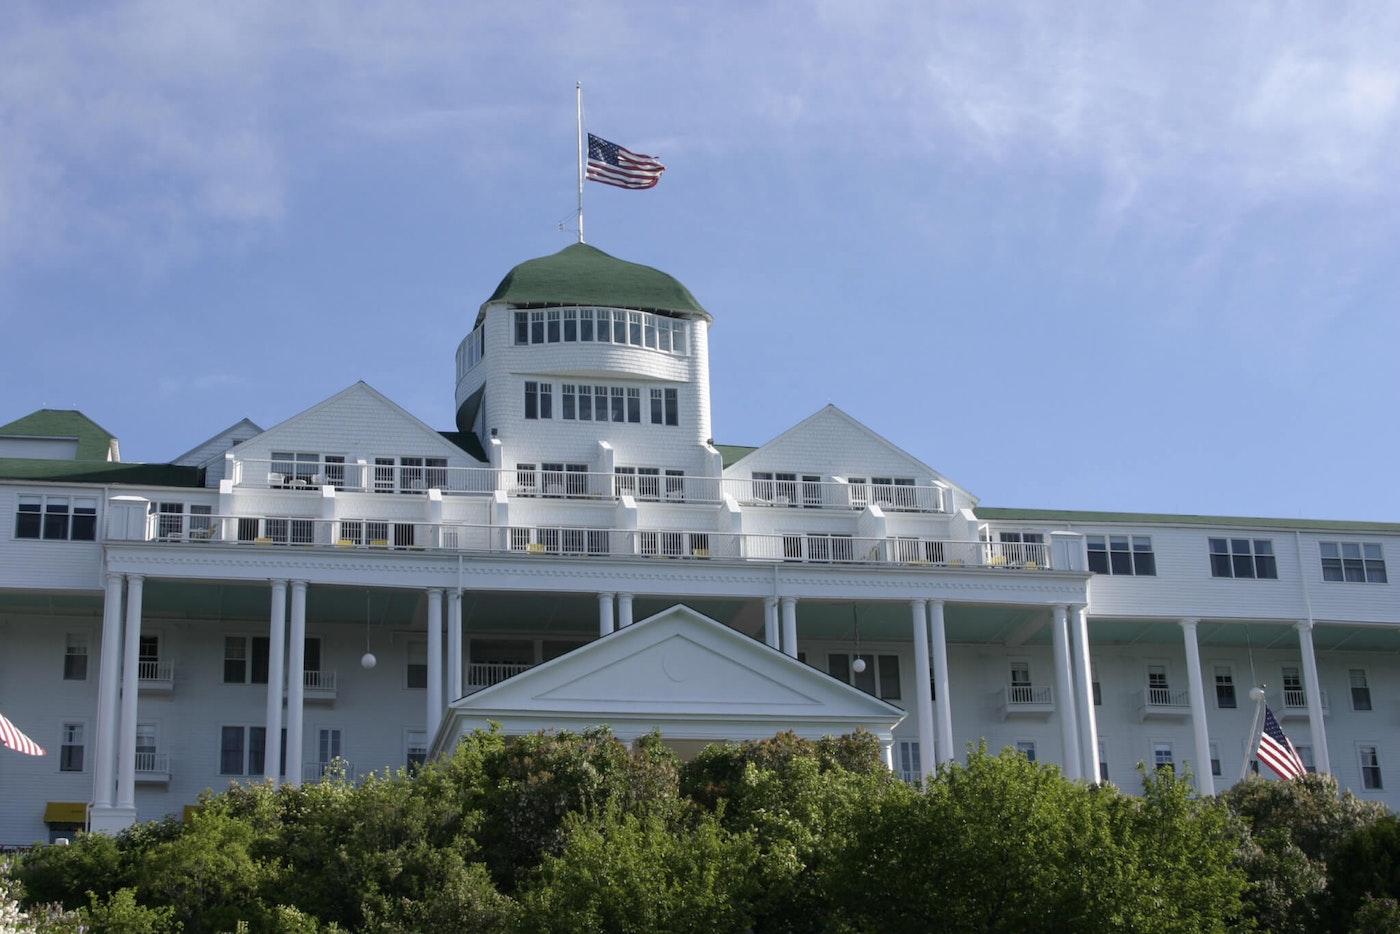 Mackinac Island's Grand Hotel (Photo via Shutterstock)